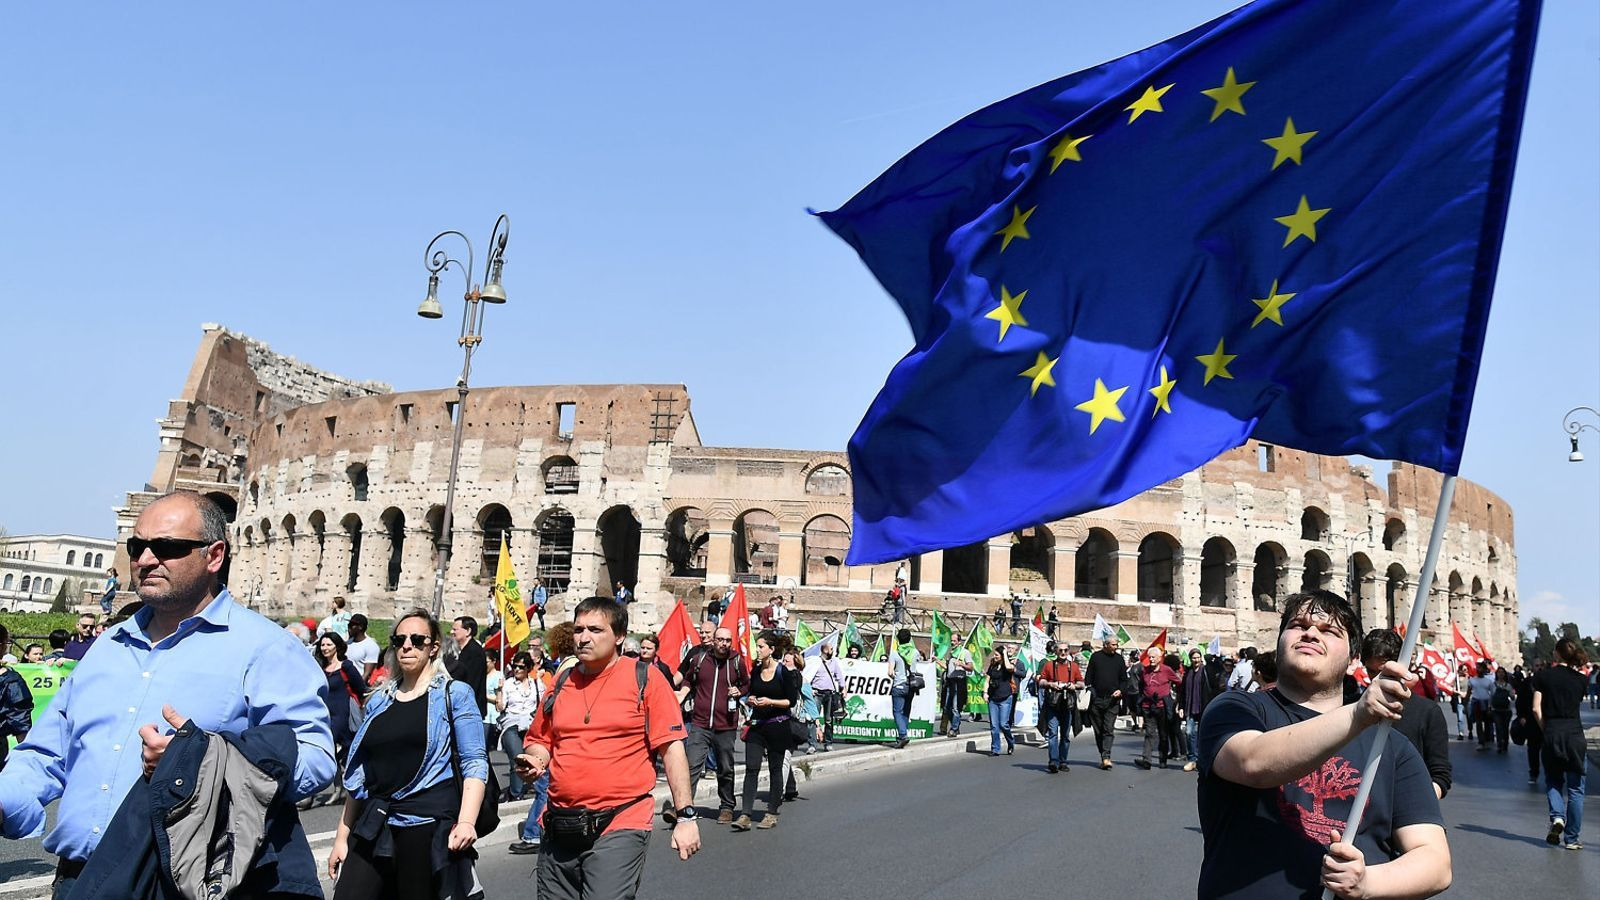 Fer veure que la UE parlava de la independència i no del Brexit